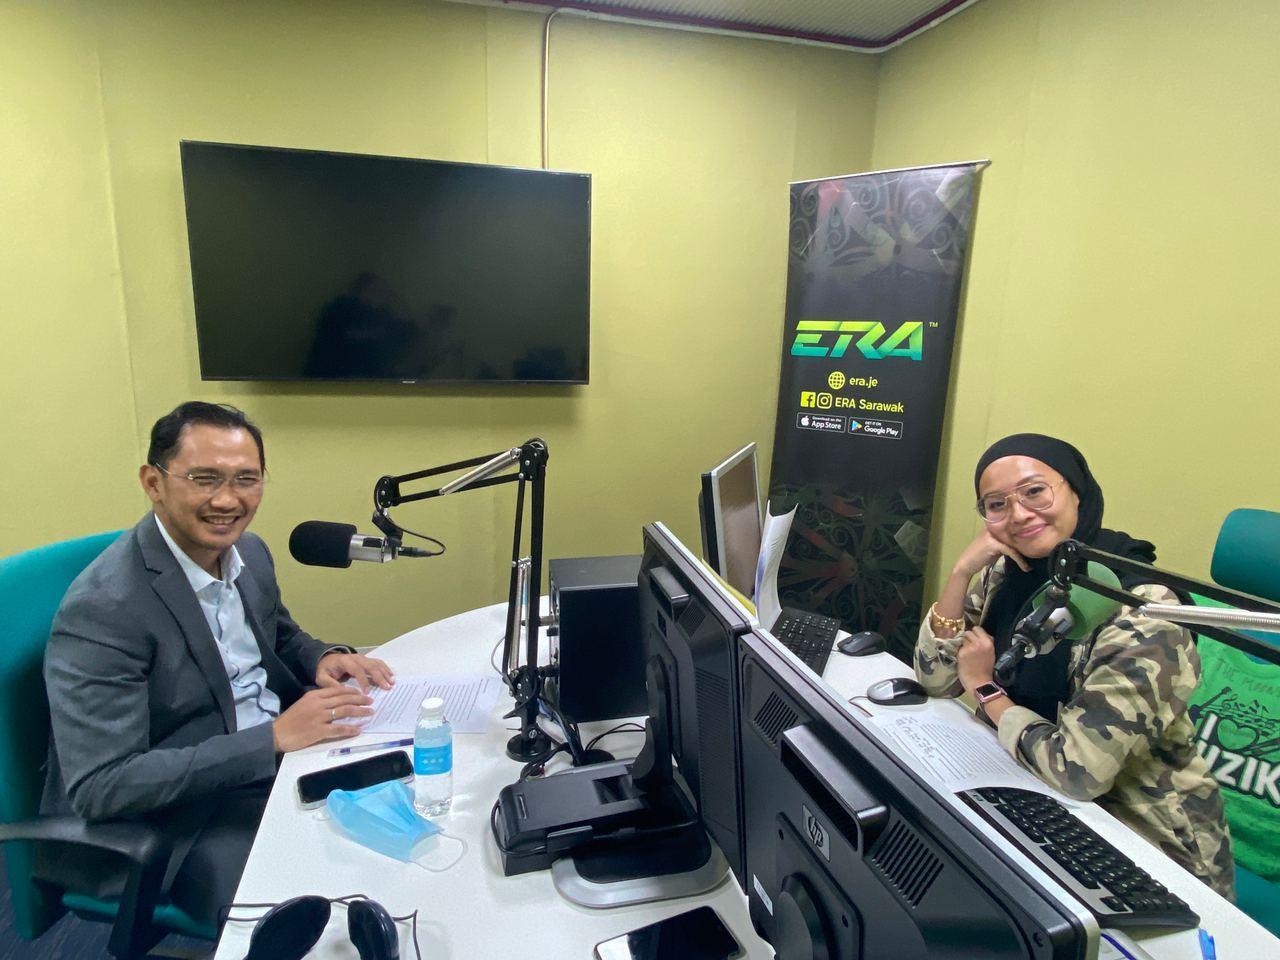 KONGSI MAKLUMAT: Zaidi ketika ditemu bual di konti ASTRO Radio (ERA) bersama juruhebah Elya.